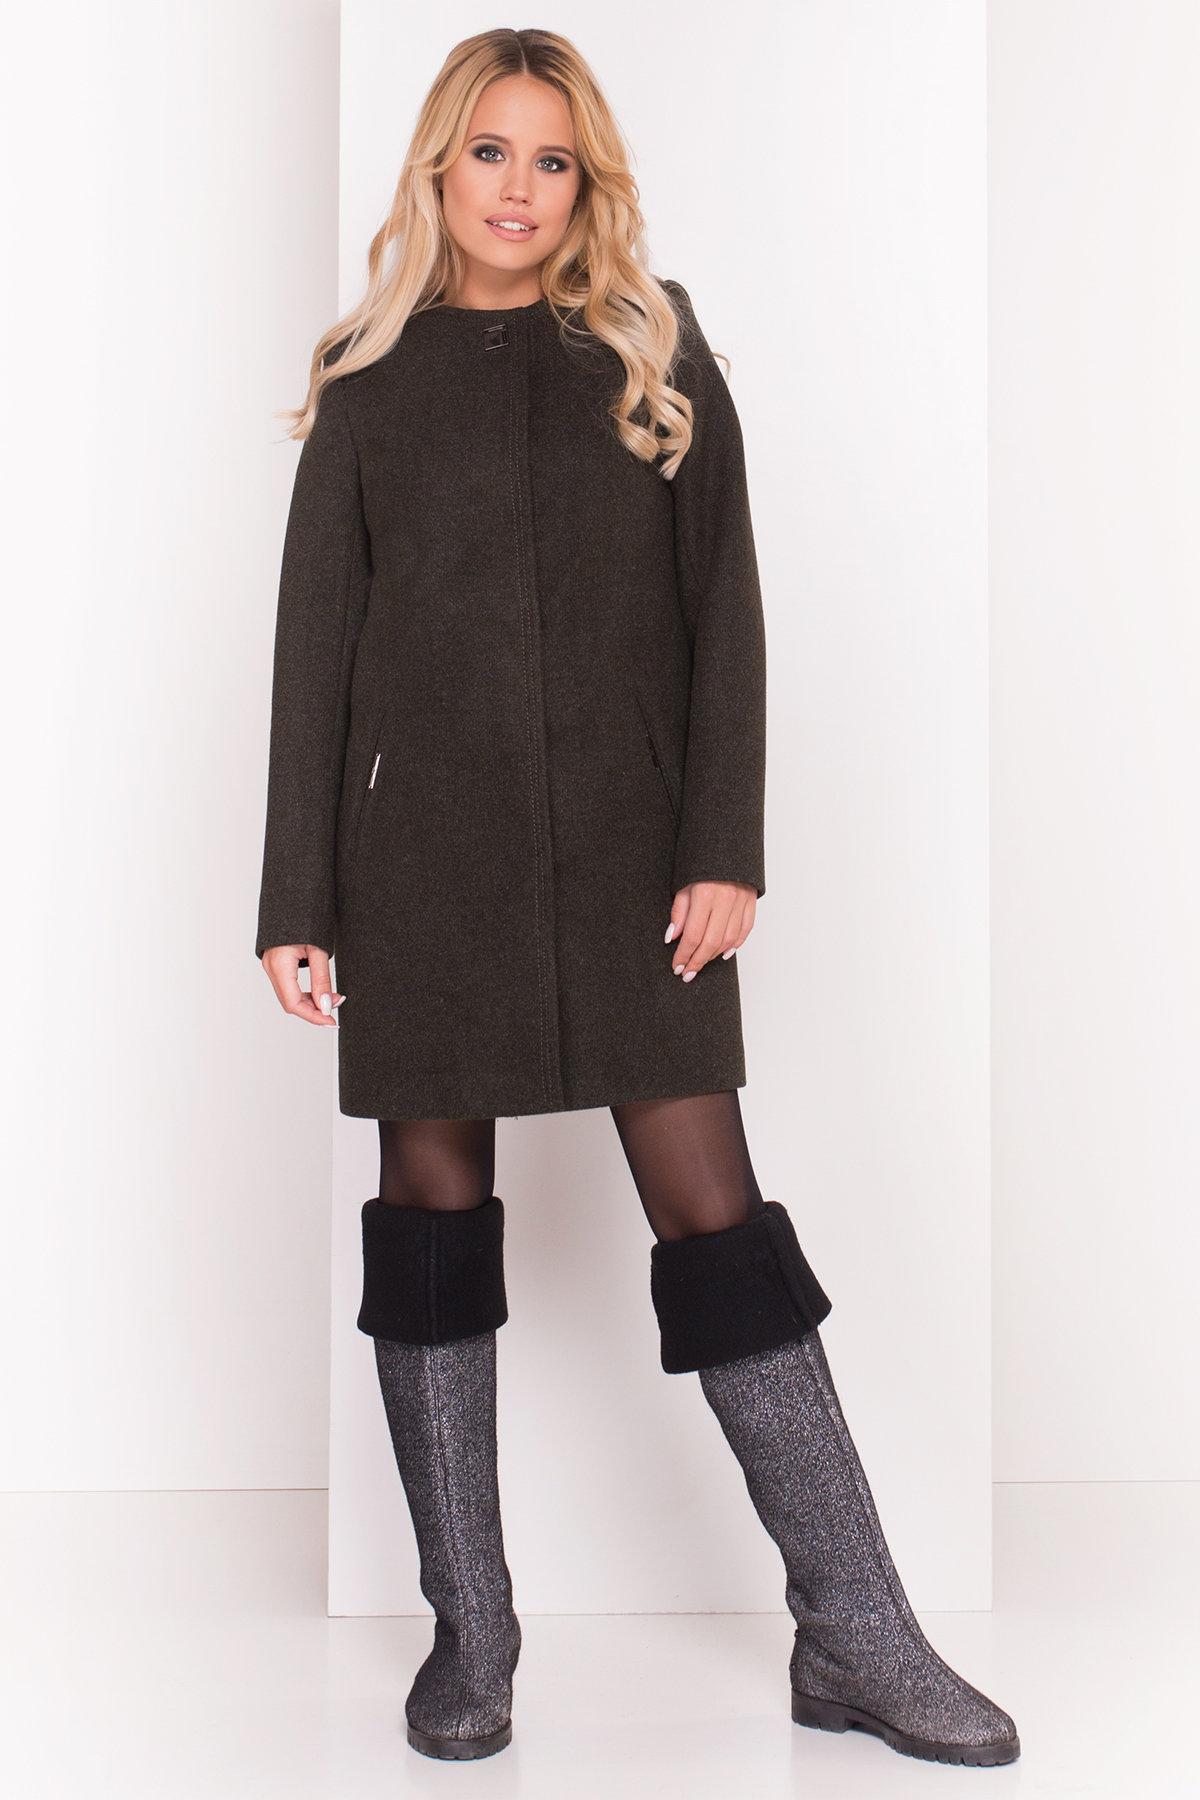 Демисезонное пальто Ферран 5369 Цвет: Хаки